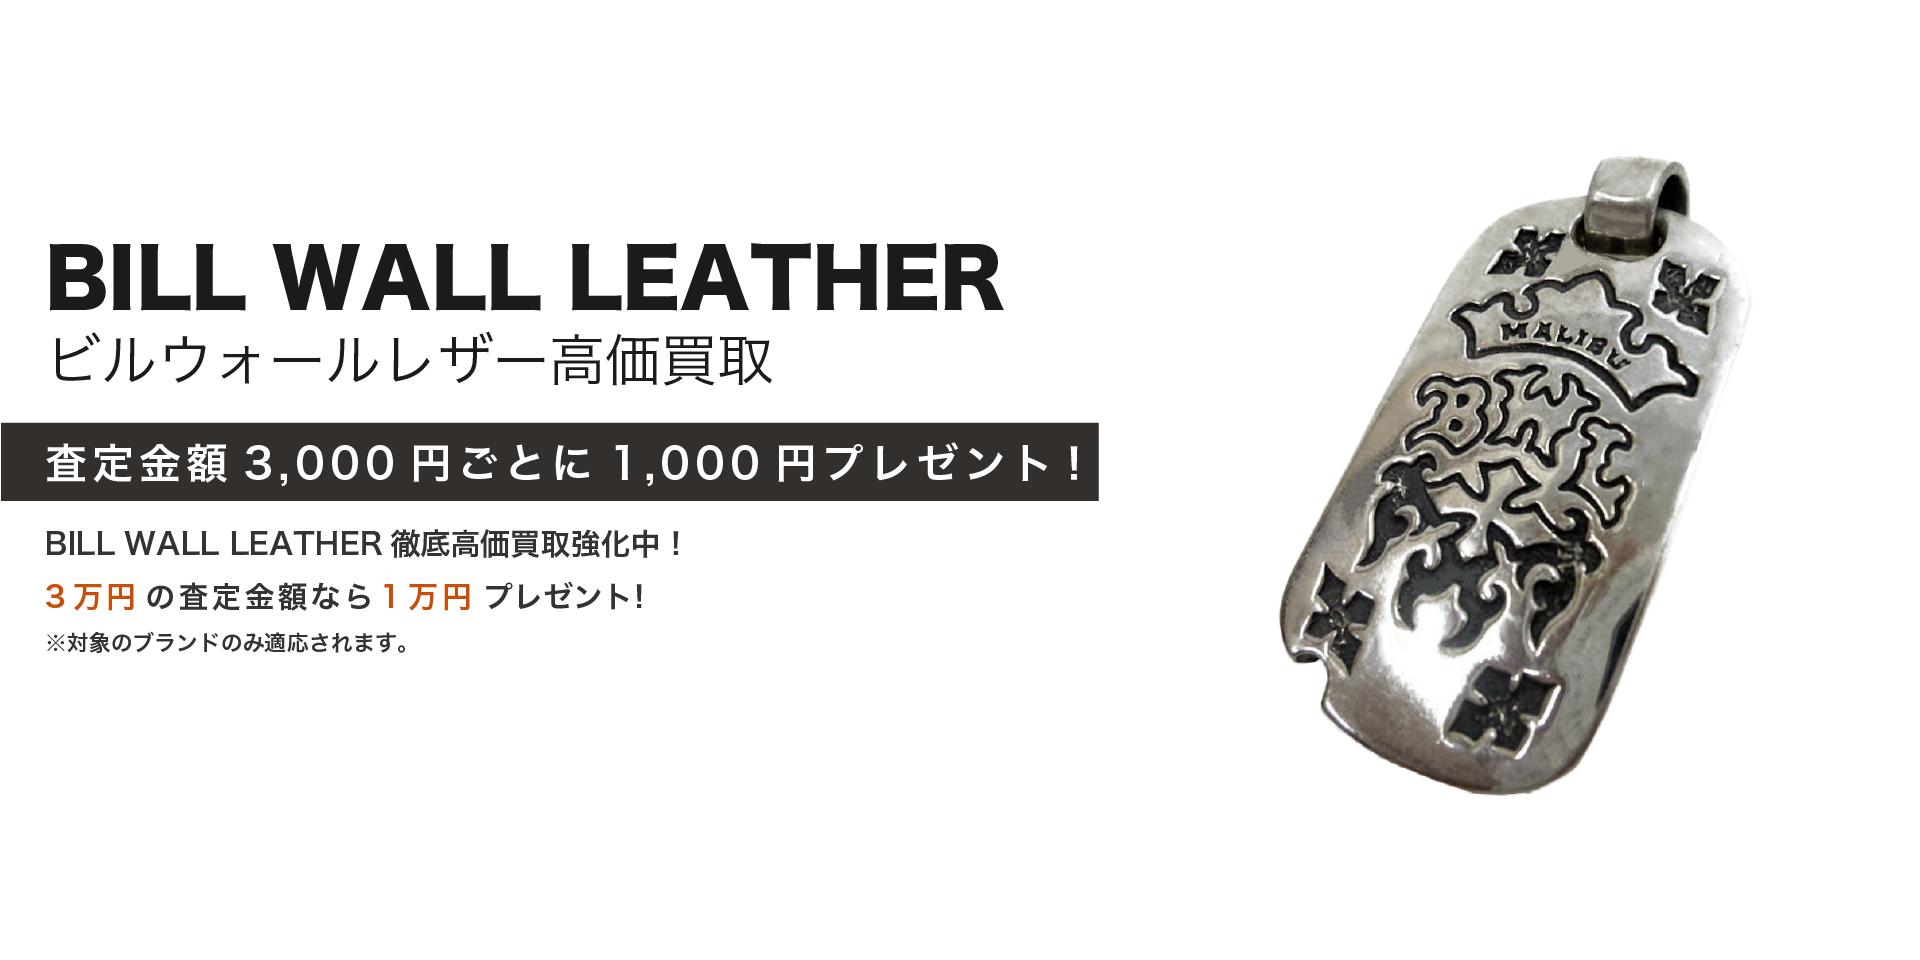 Bill Wall Leatherのキービジュアル